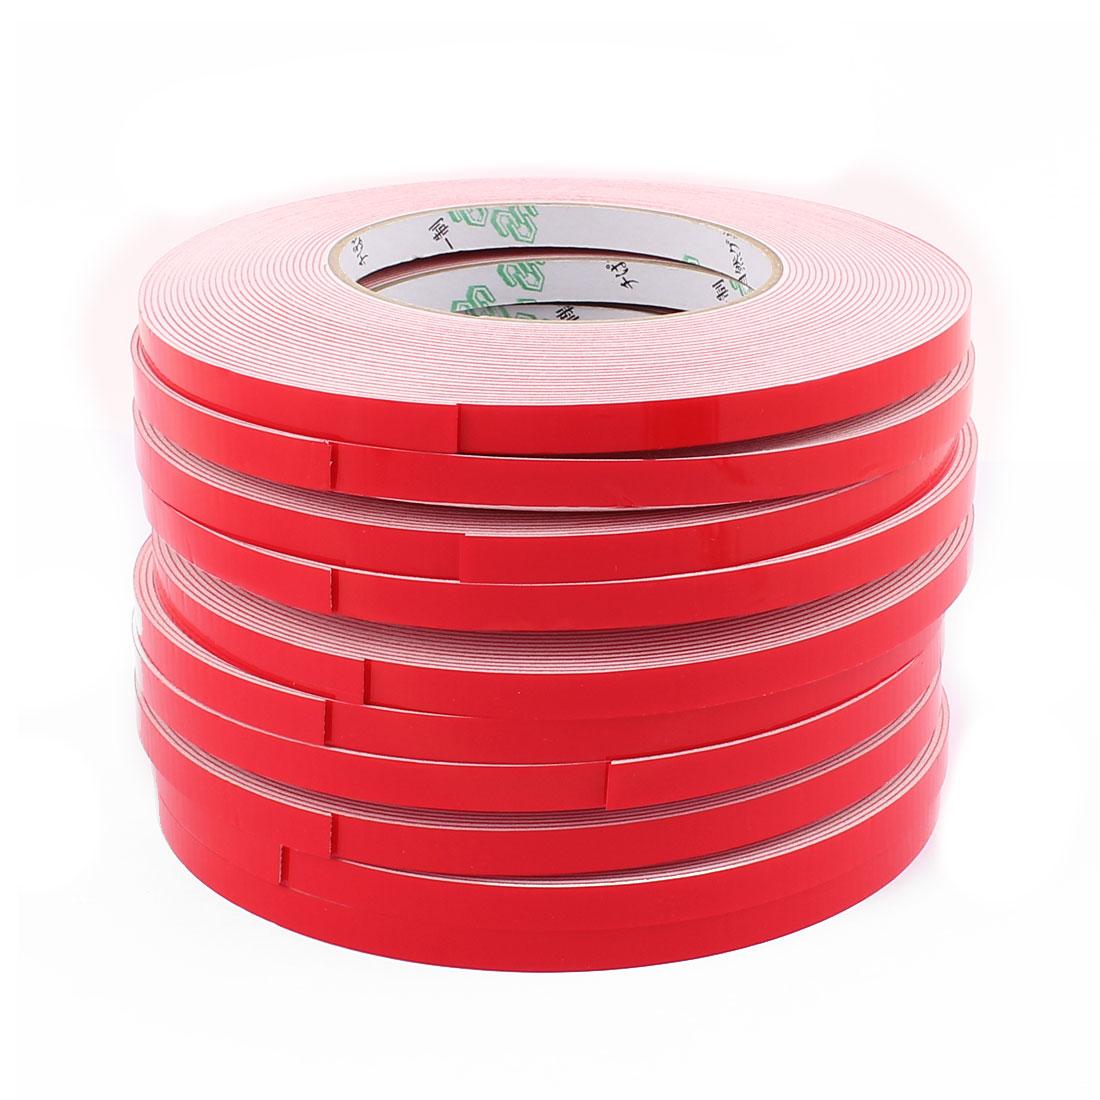 Unique Bargains 10PCS 8MM Width 10M Long 1MM Thick White Dual Sided Waterproof Sponge Tape